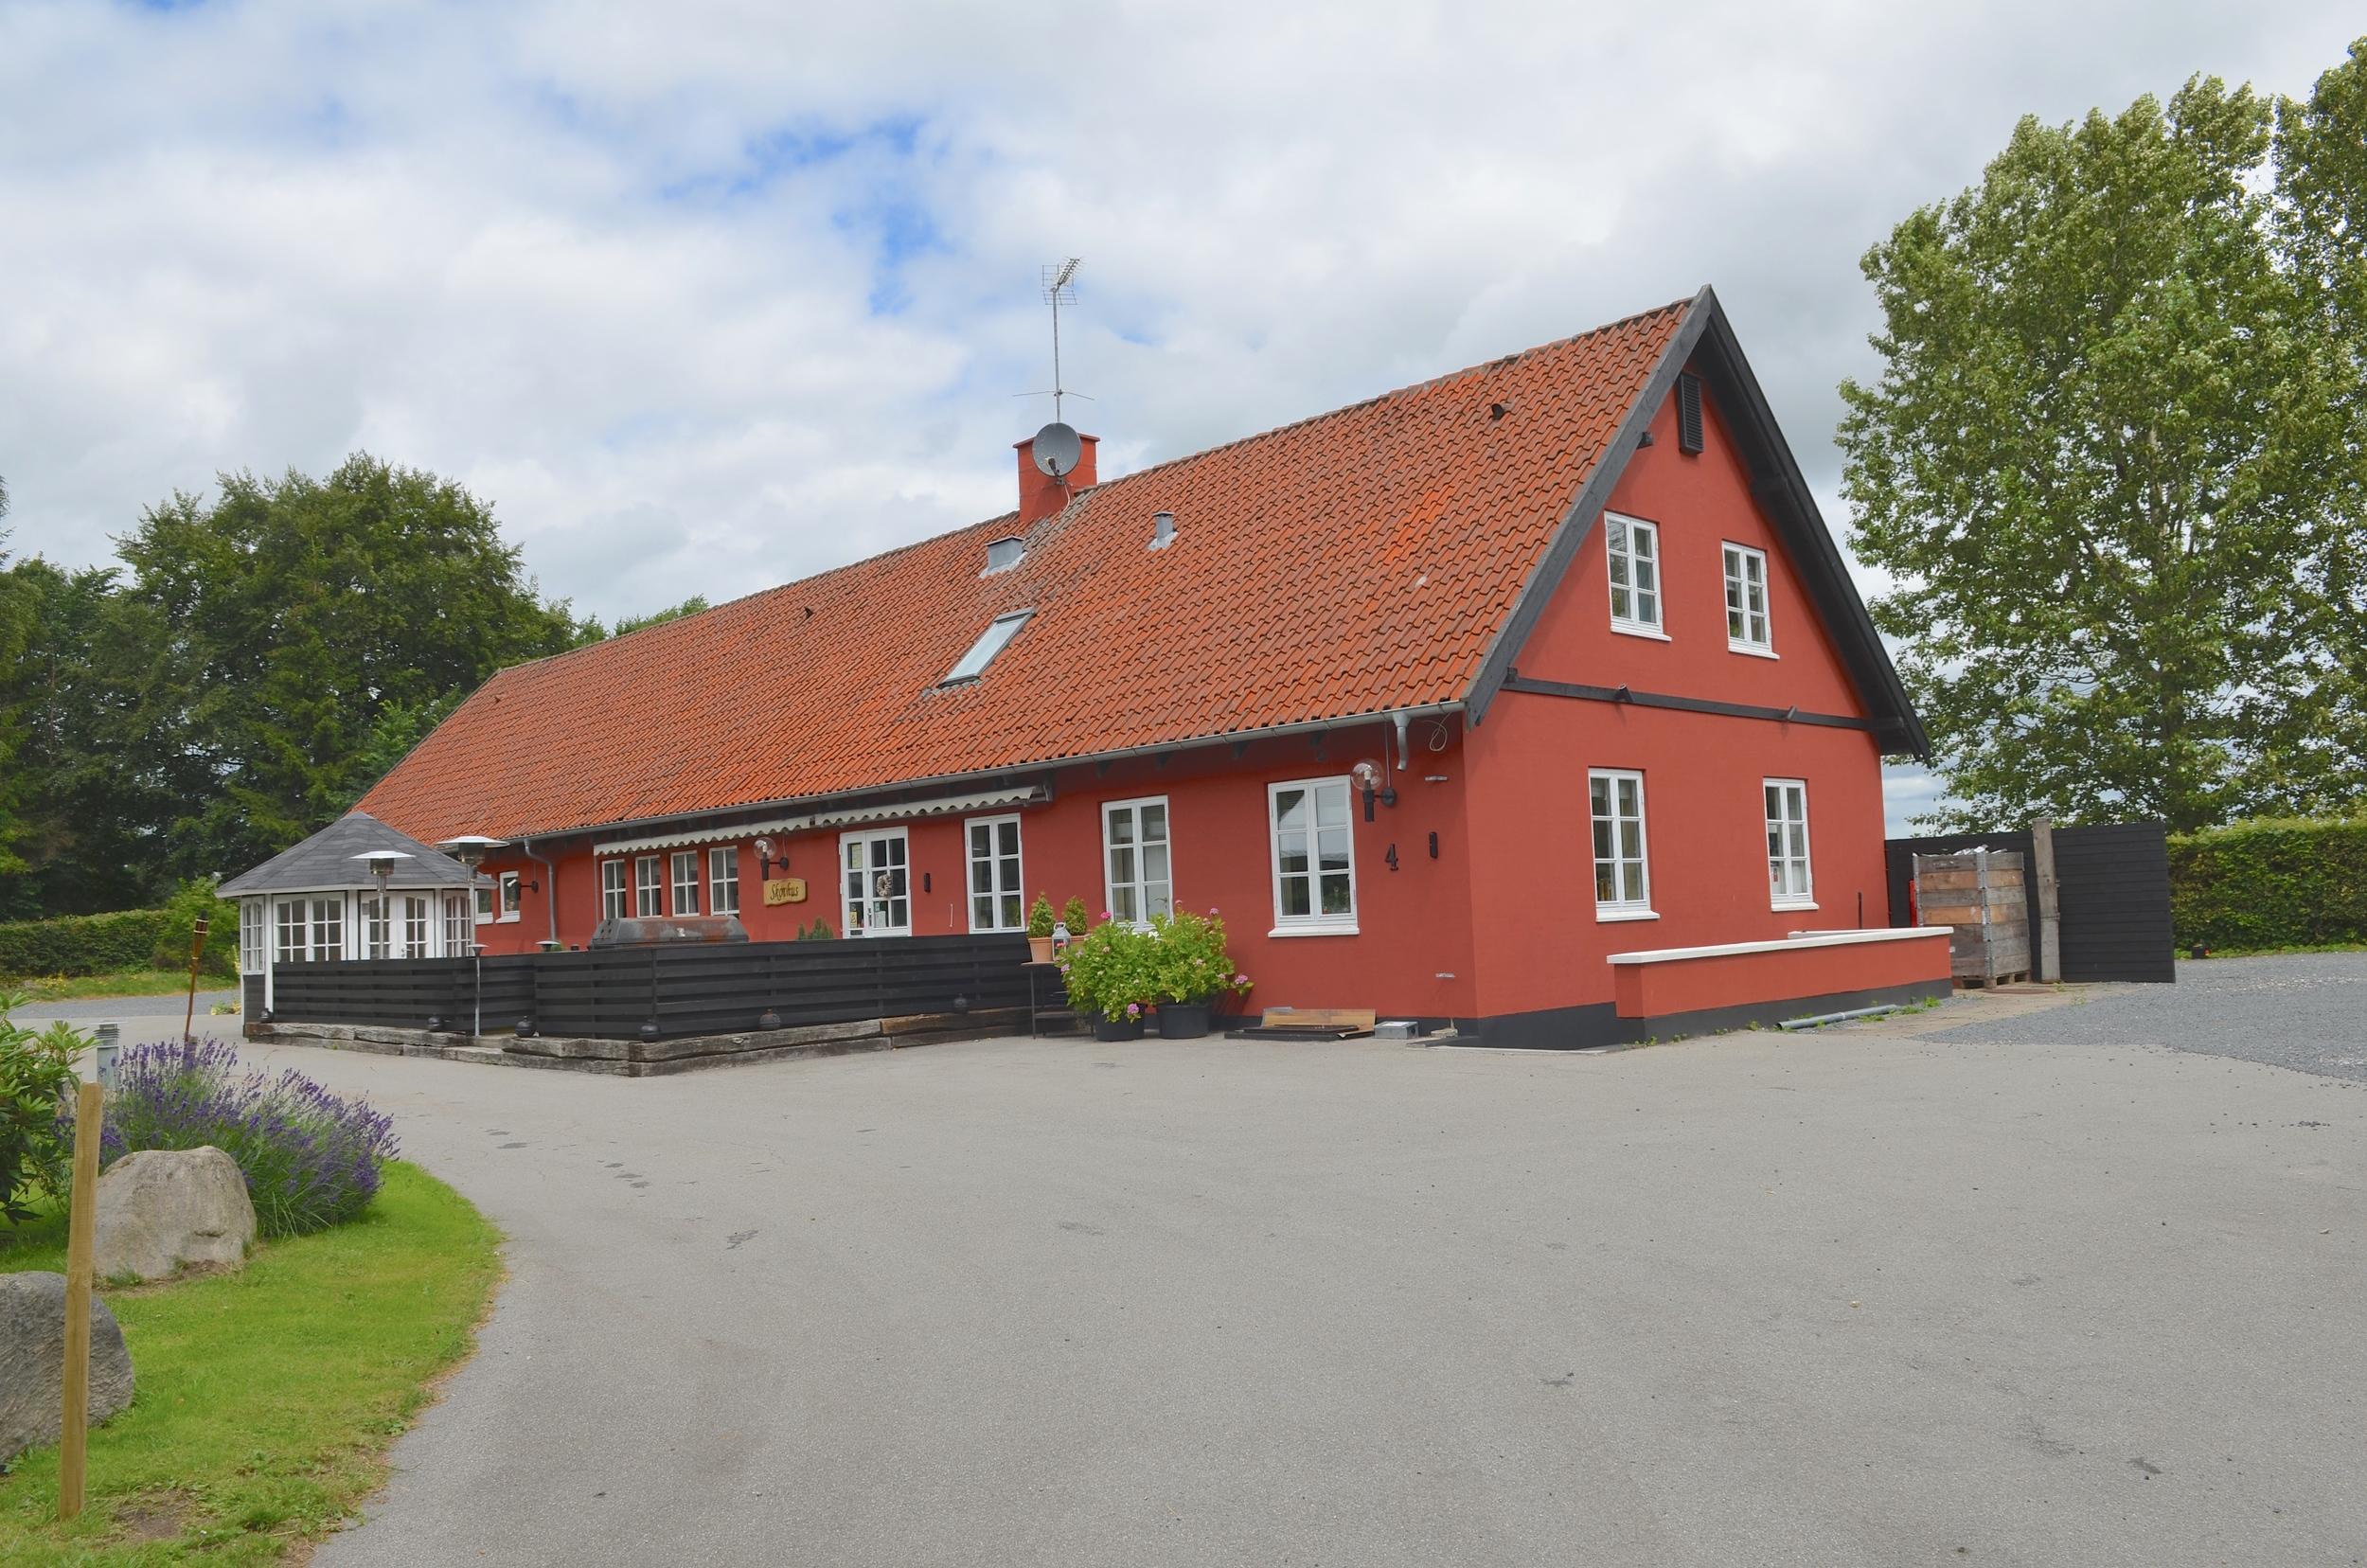 Restaurant Skovhus ligger på Stumpedyssevej 4